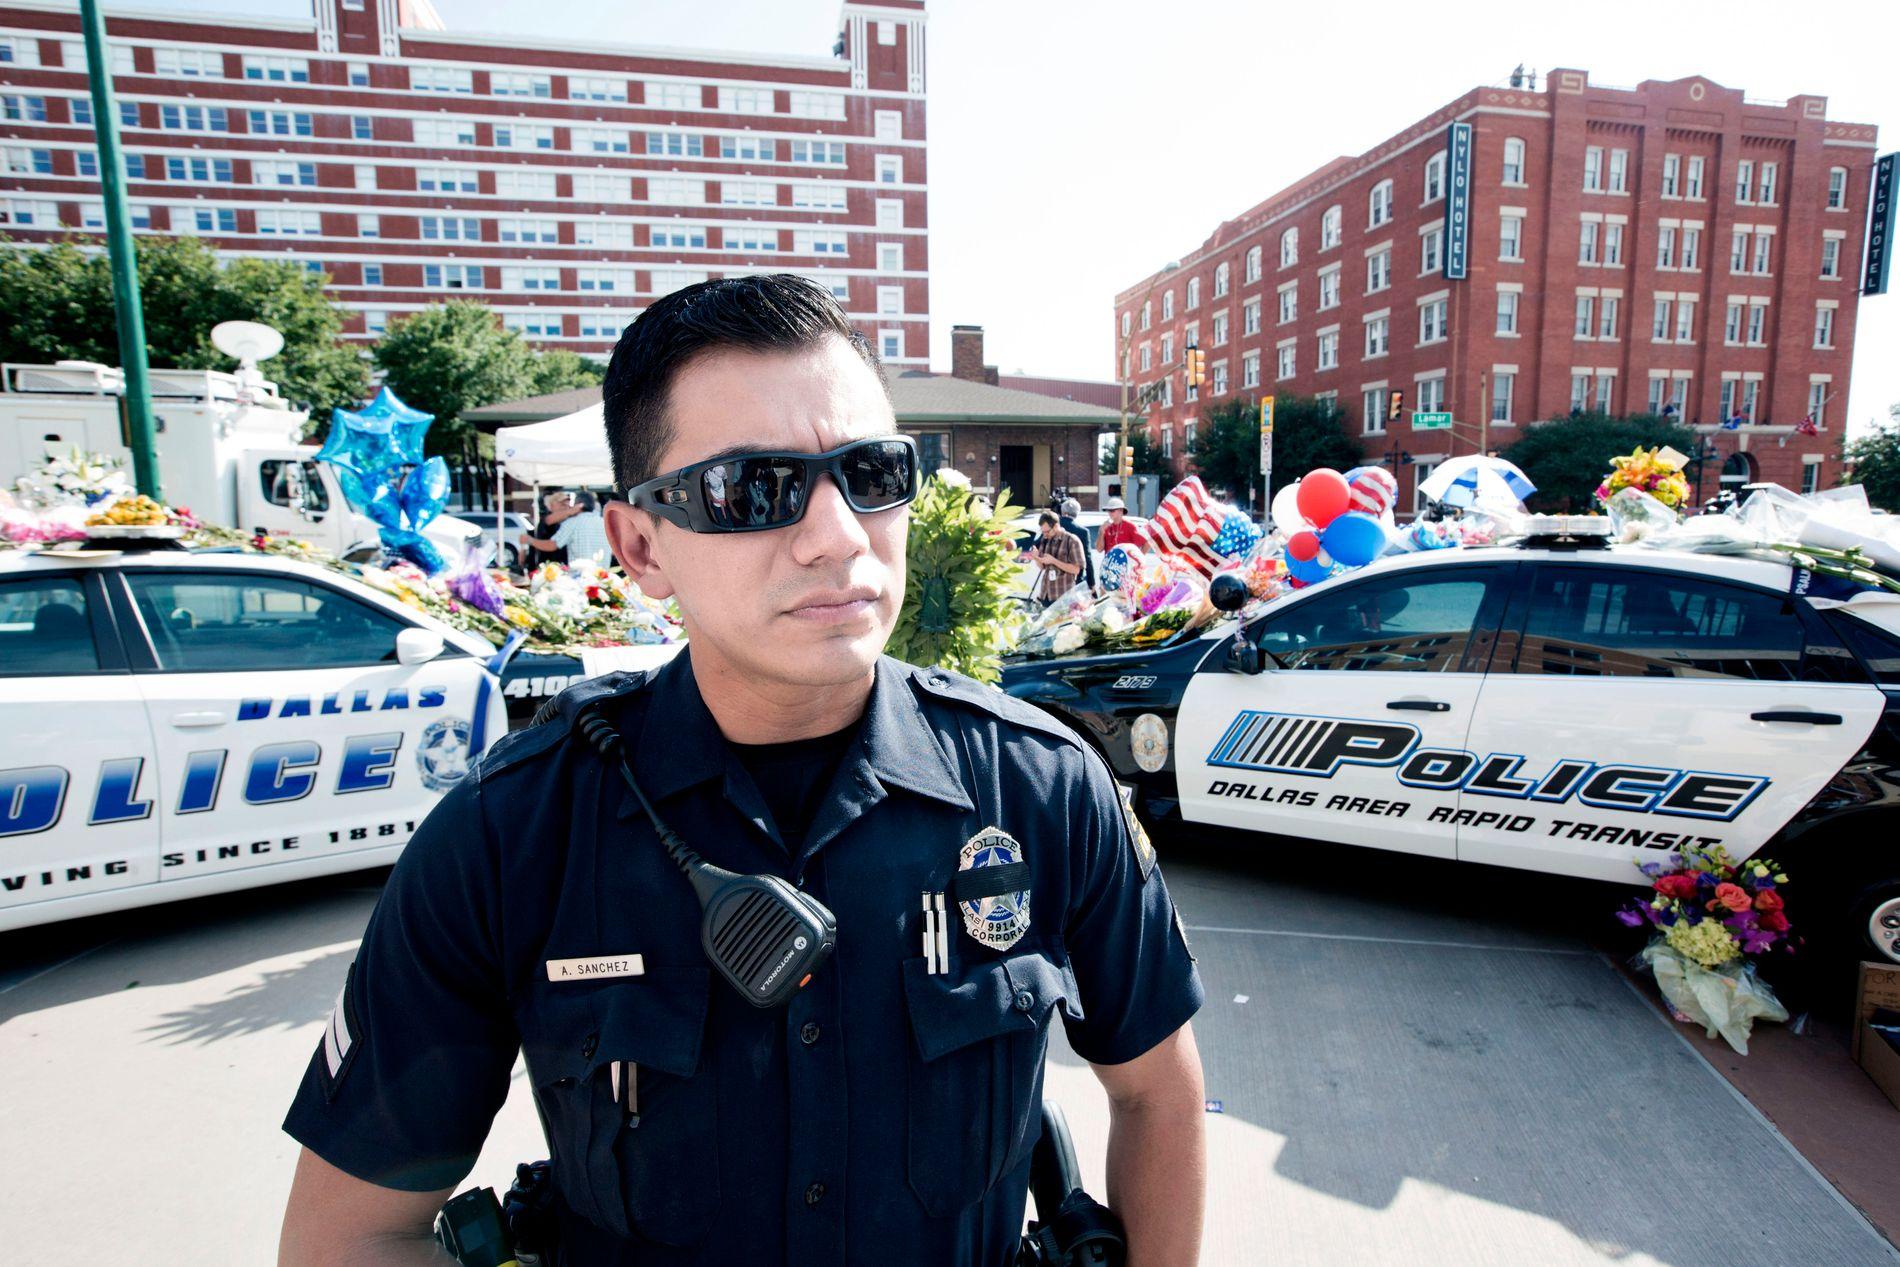 ANSATT: Albert Sanchez var kollega med de fem drepte polititjenestemennene på Dallas Police Department.